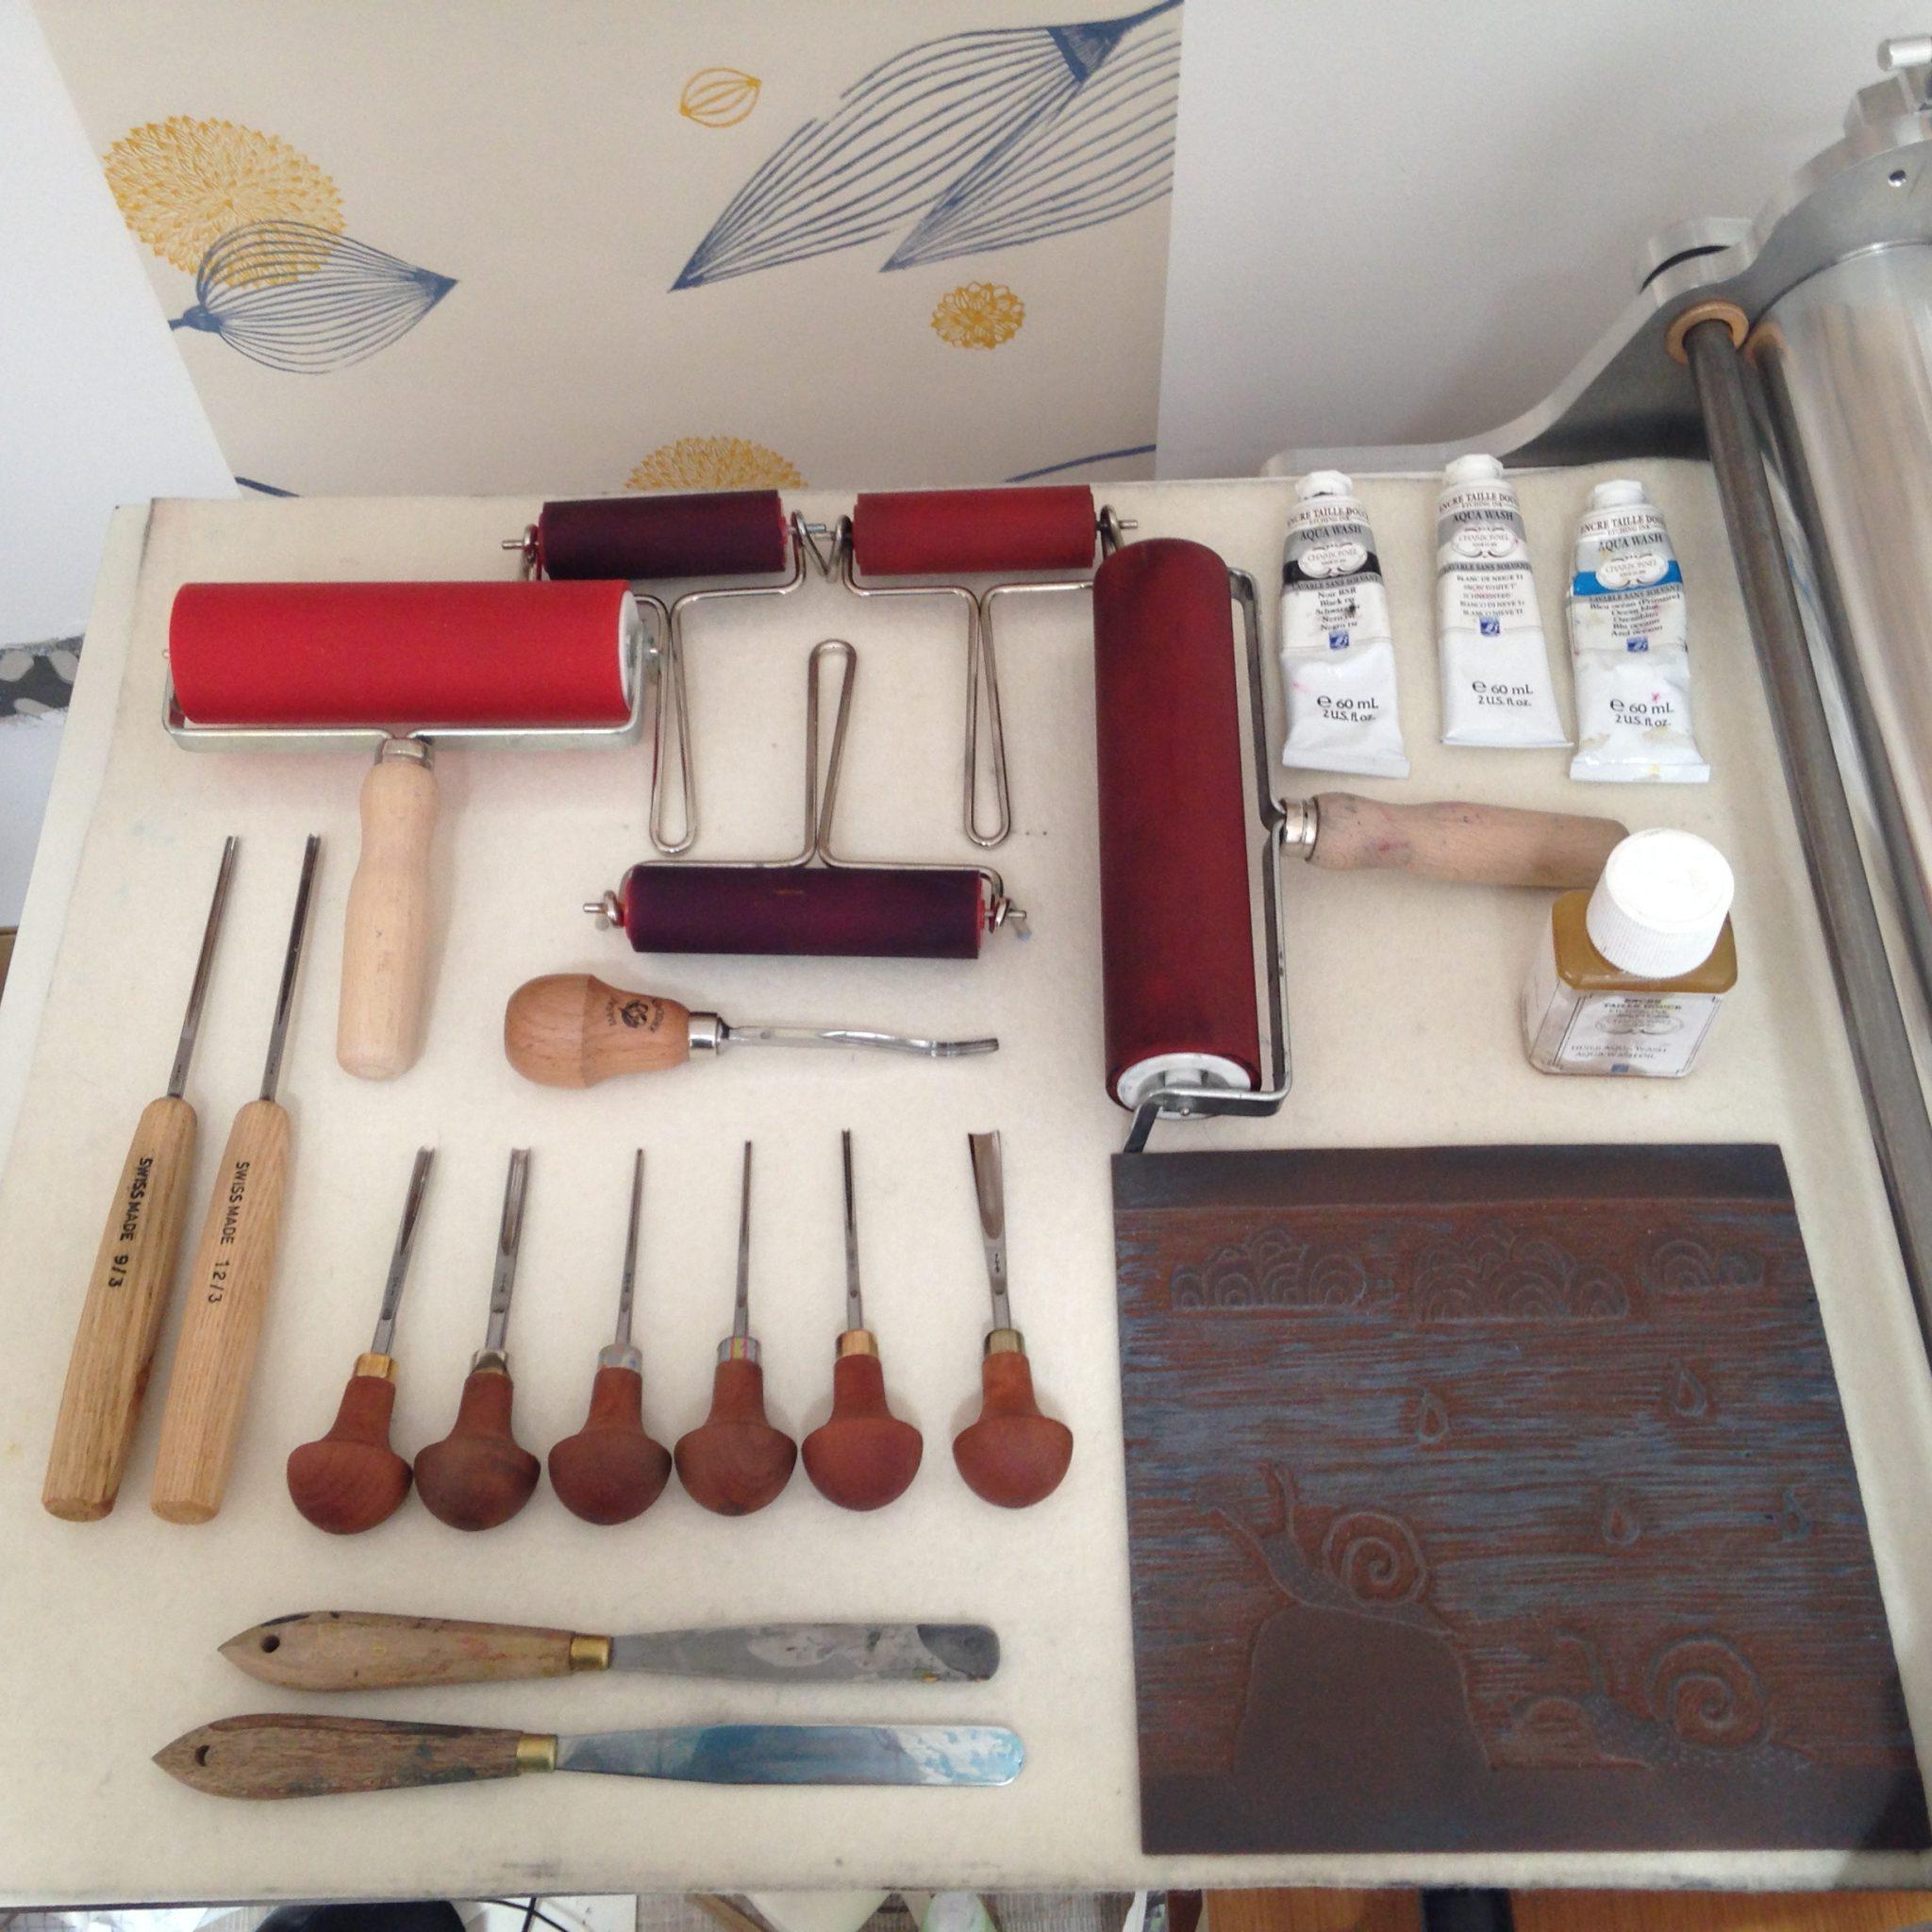 LinoLino | Linogravure et créations à partir d'impressions artisanales | Chambéry, France | Matériel de linogravure : encres, rouleaux, gouges, presse taille-douce